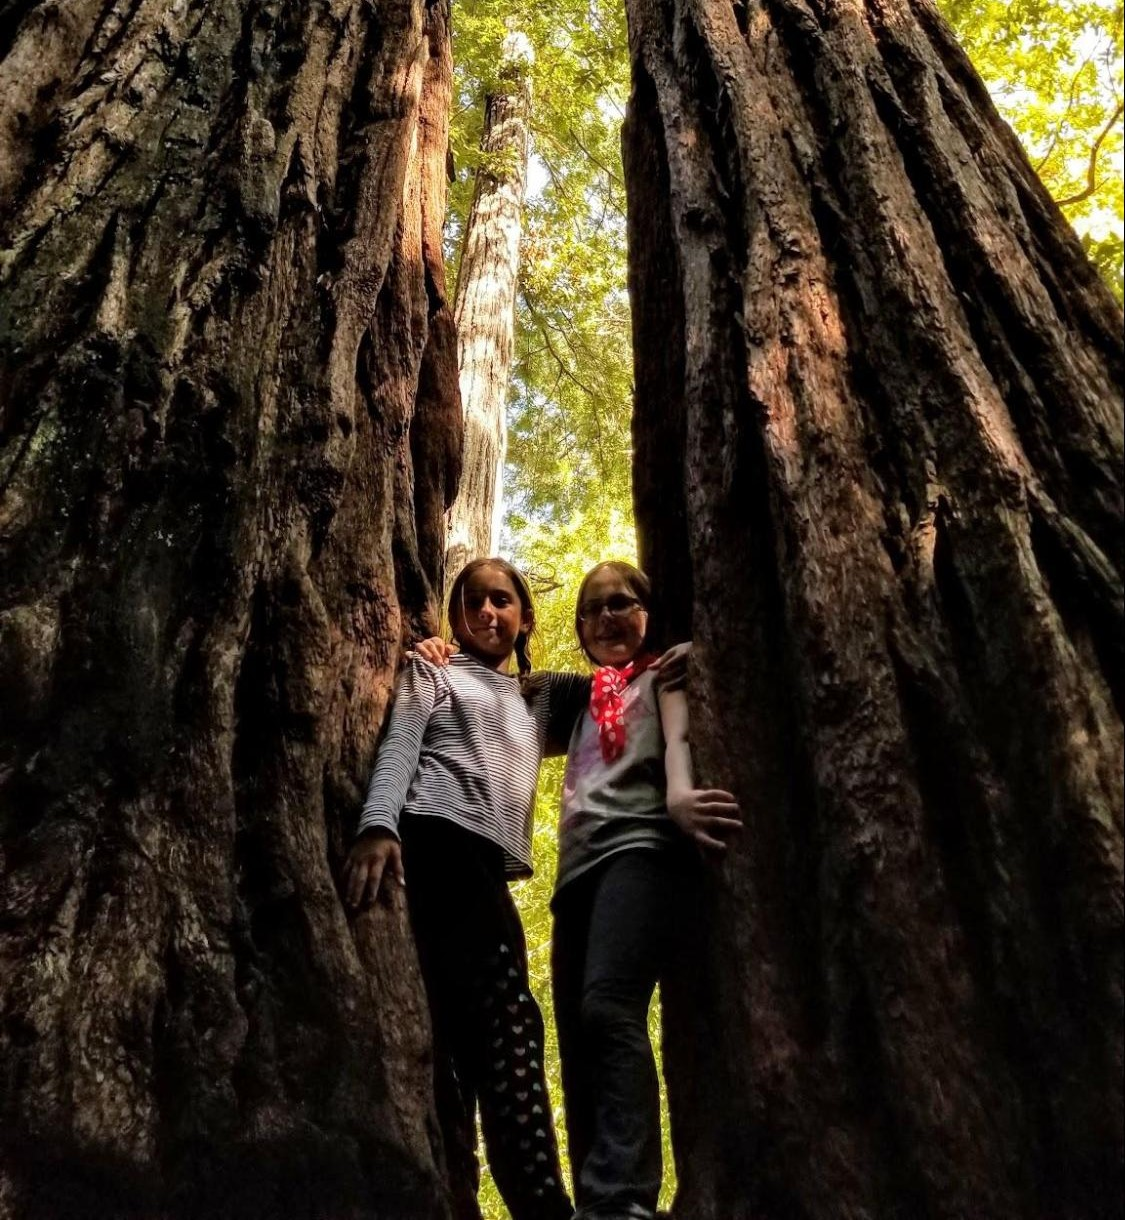 Jane Mulcaster Big Basin Redwoods State Park